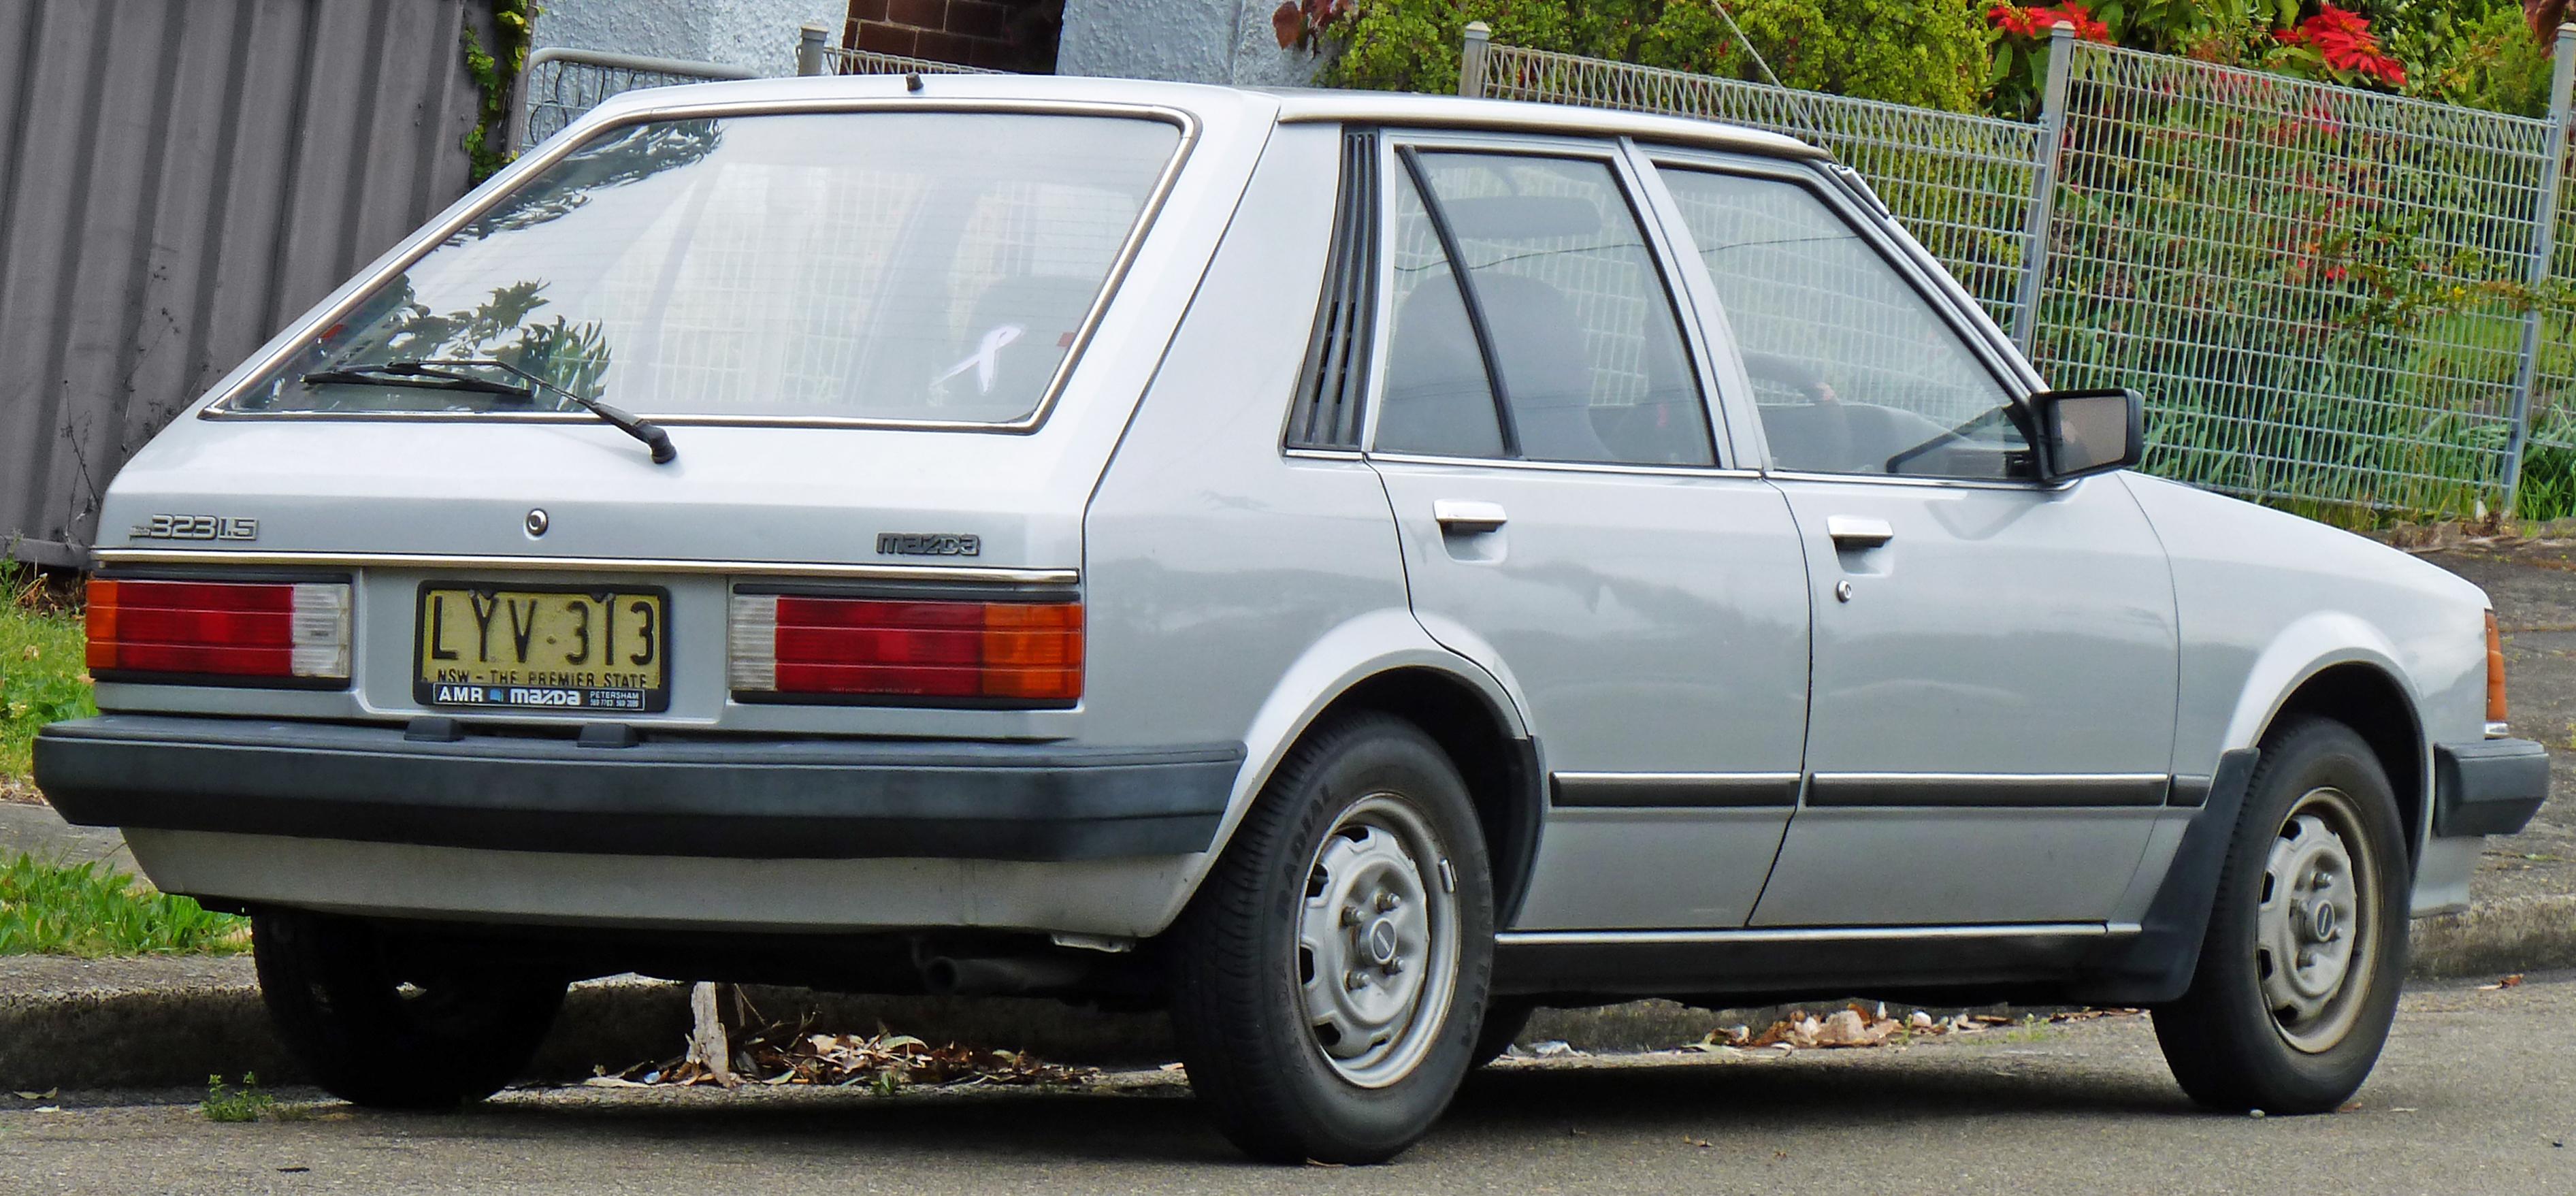 file:1980-1982 mazda 323 (bd) deluxe 5-door hatchback (2010-10-02